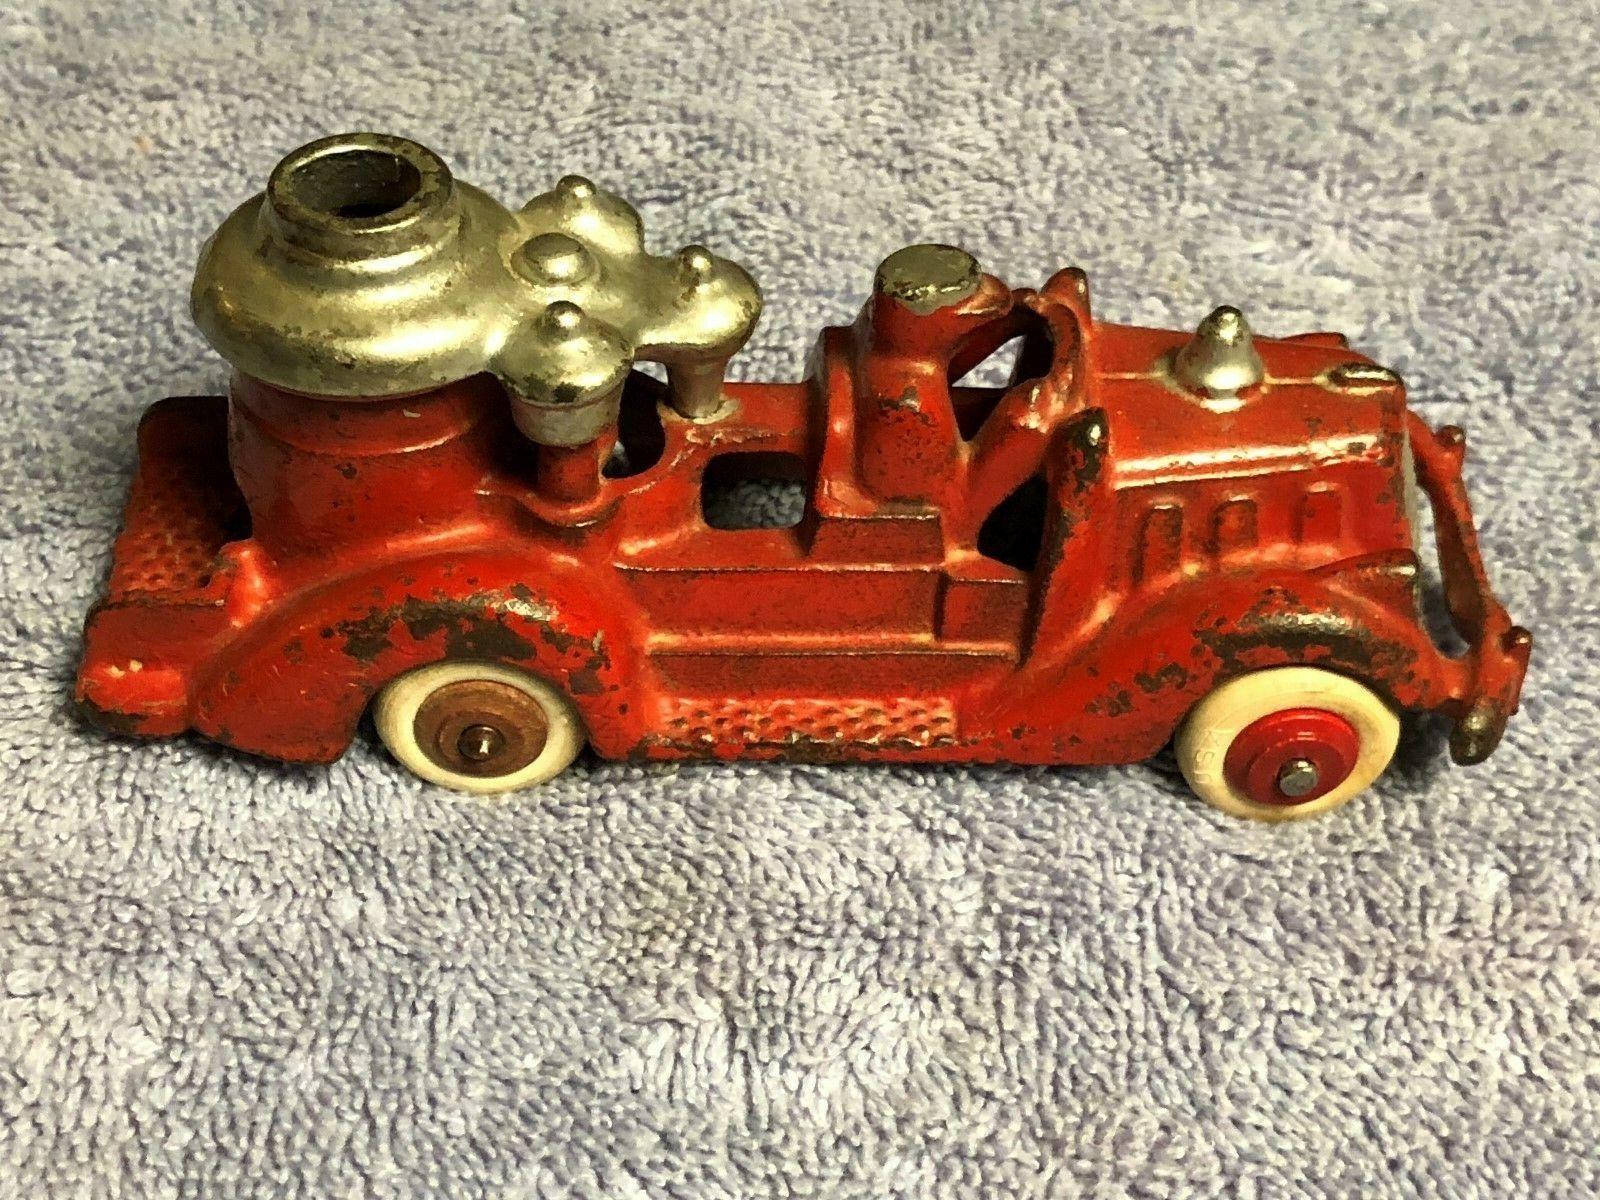 Antiguo Década de 1930 alrojoedor de hierro fundido condición original, Camión De Bomberos Autobomba por Hubley